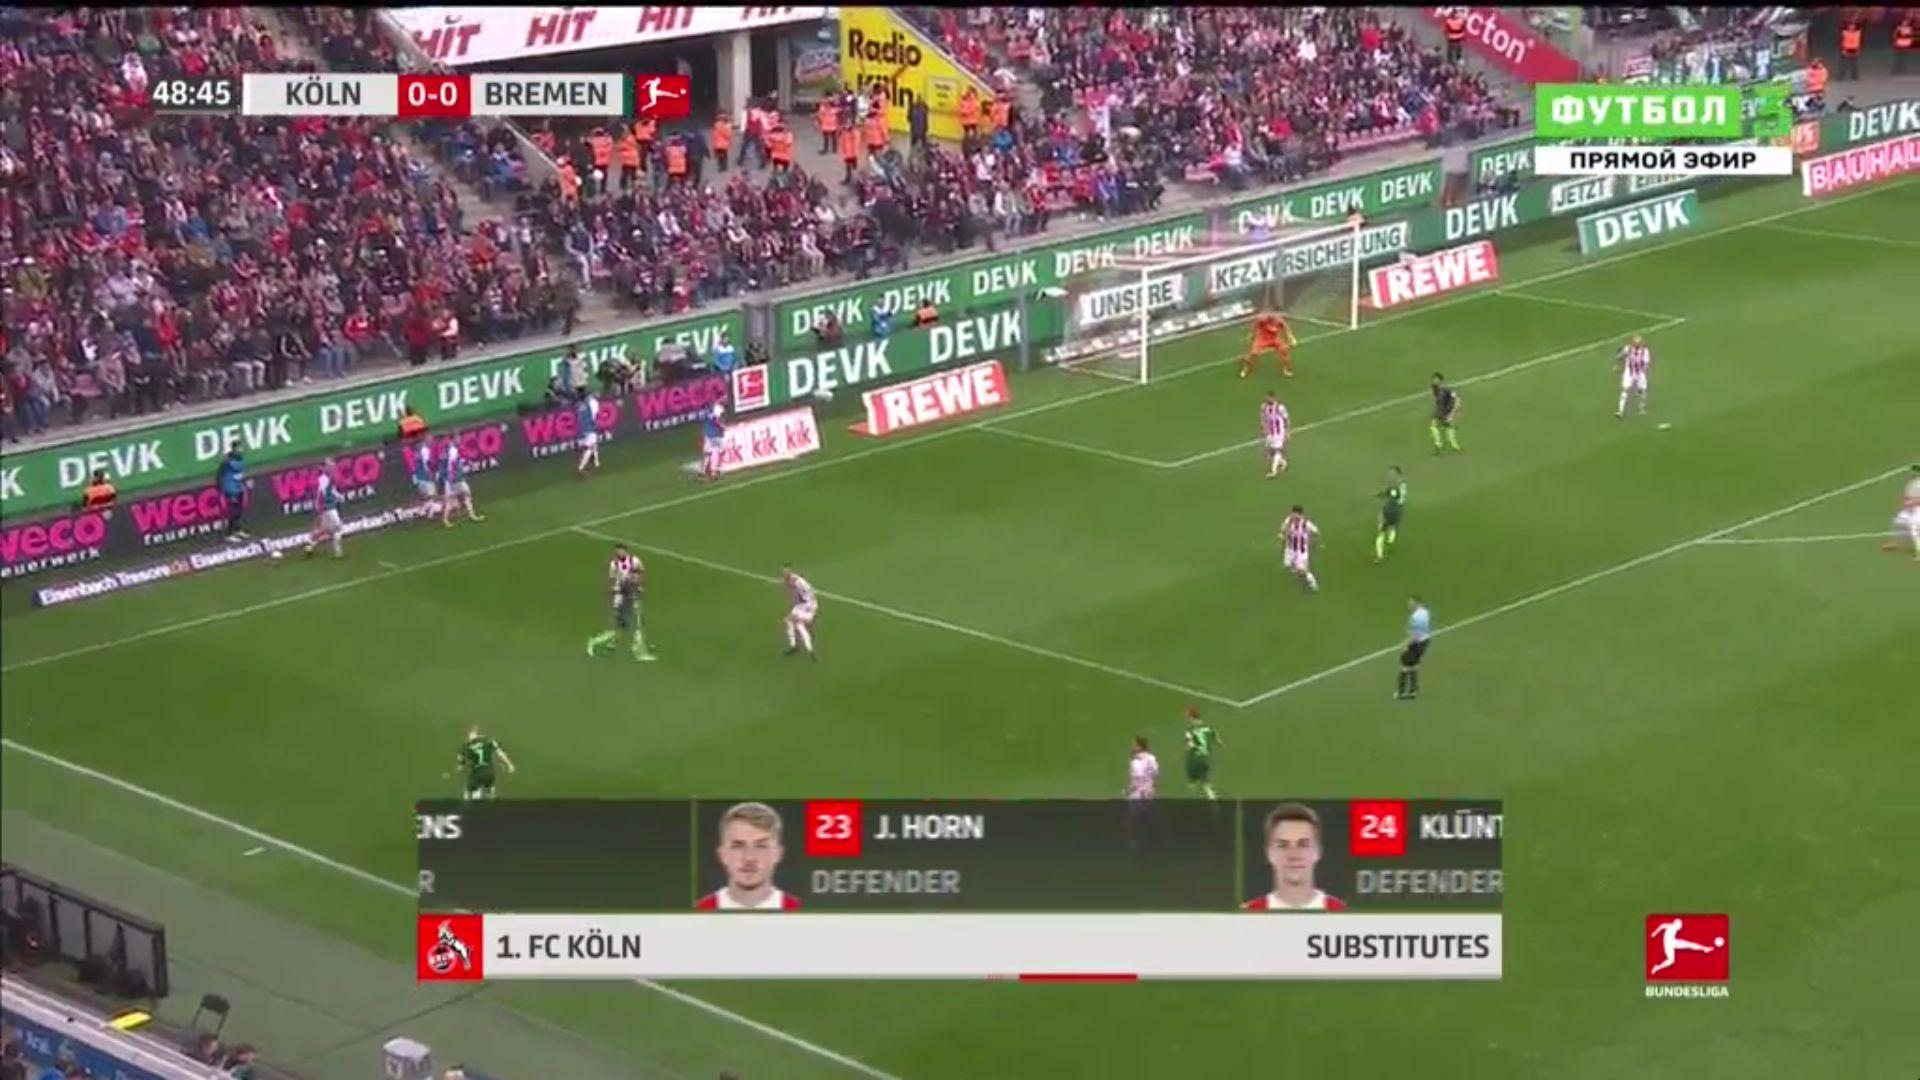 22-10-2017 - FC Cologne 0-0 Werder Bremen